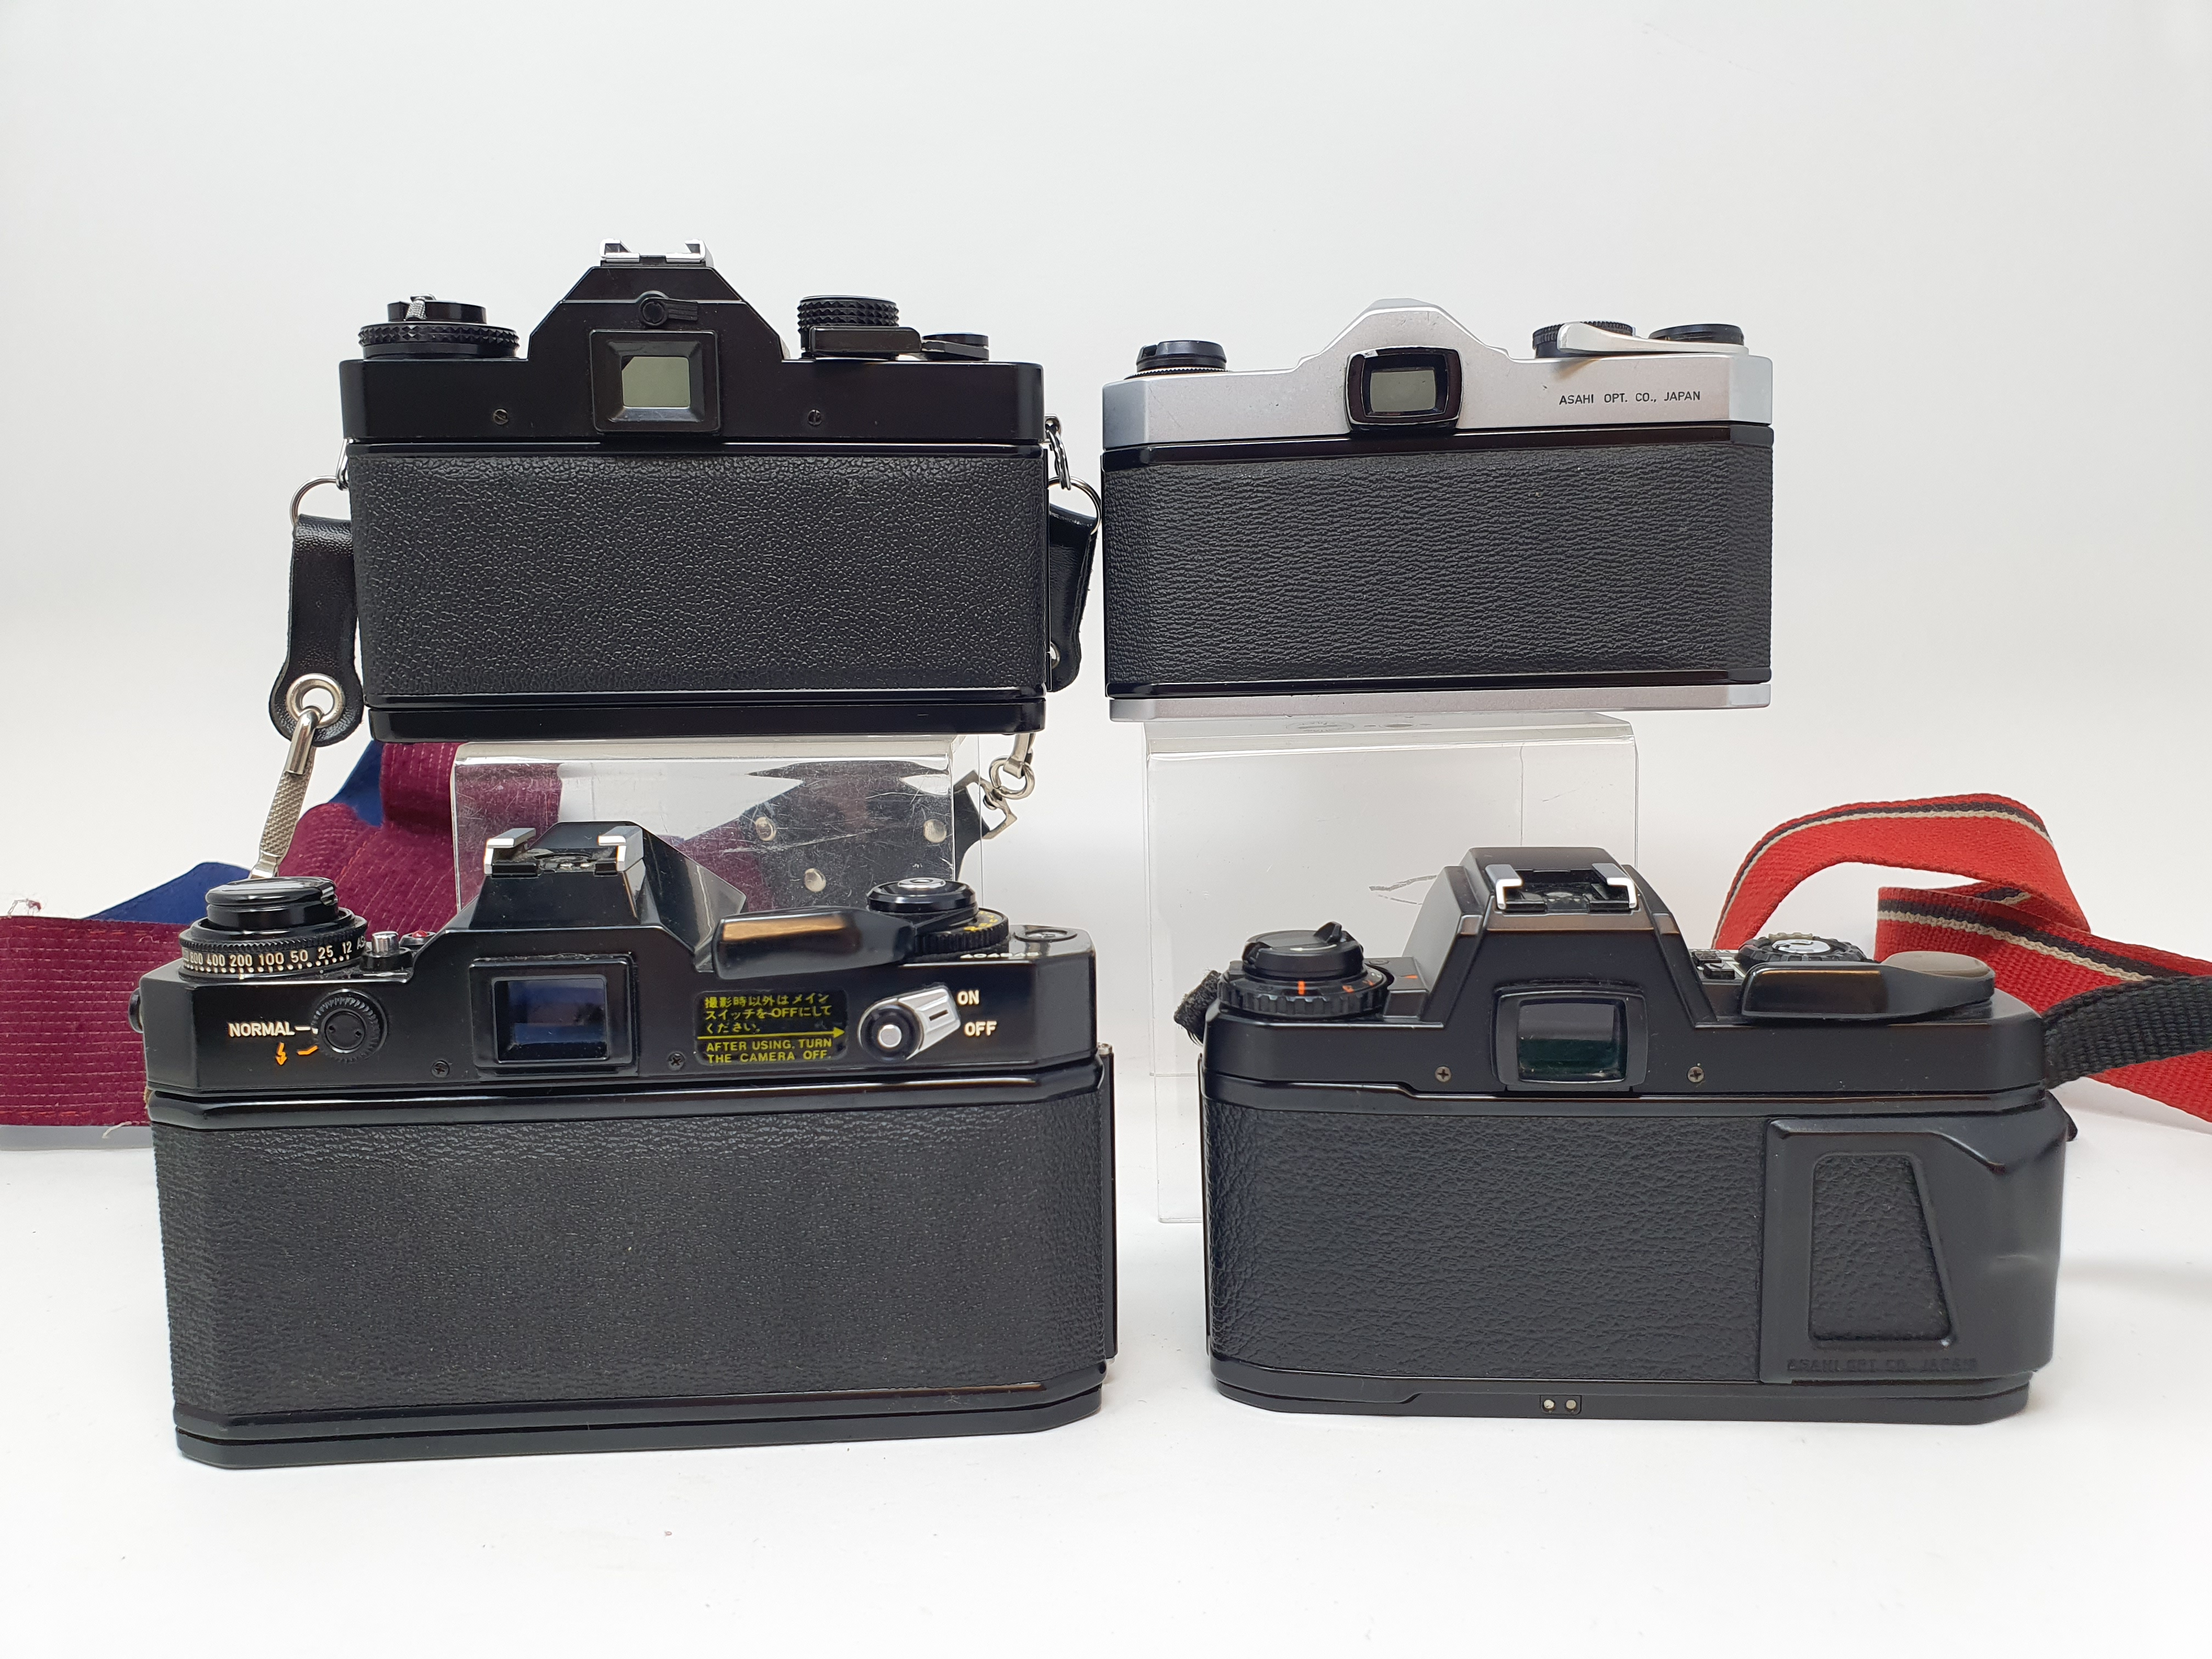 A Pentax Program A camera, Pentax SP 1000 camera, a Praktica EE 2, and a Canon EF camera (4) - Image 4 of 4